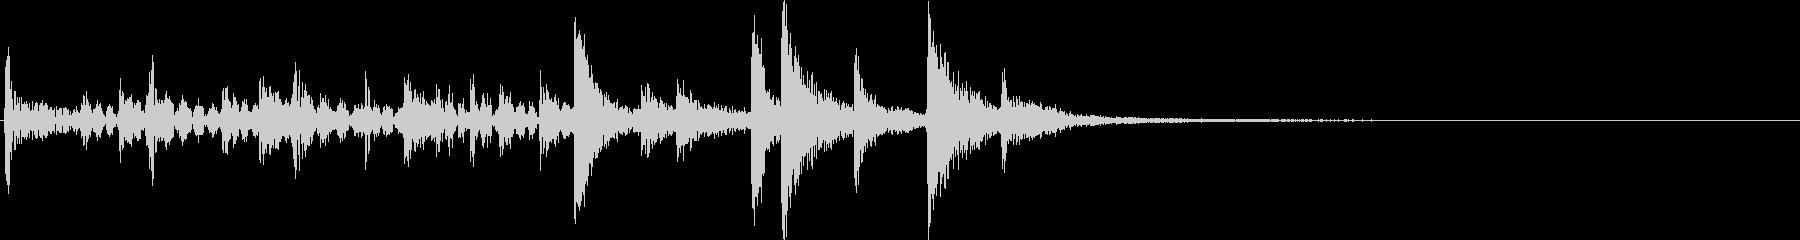 ドラム:リズムアクセントの未再生の波形